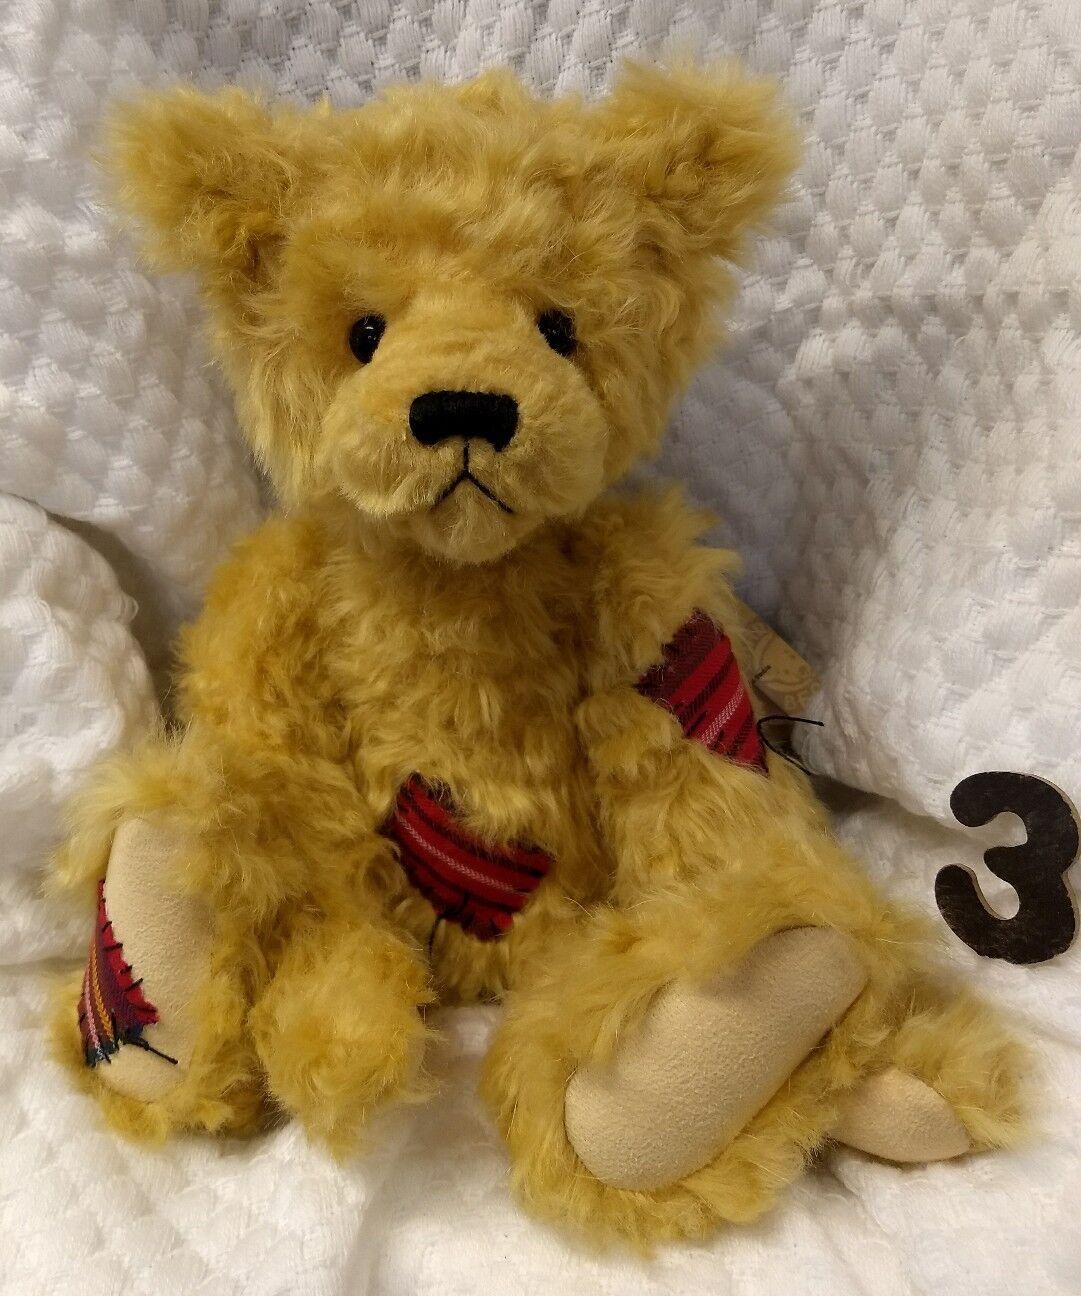 La saggezza da Charlie Bears 2016-NUOVA con etichetta + BAG-RIVENDITORE UFFICIALE-Bear foto  3